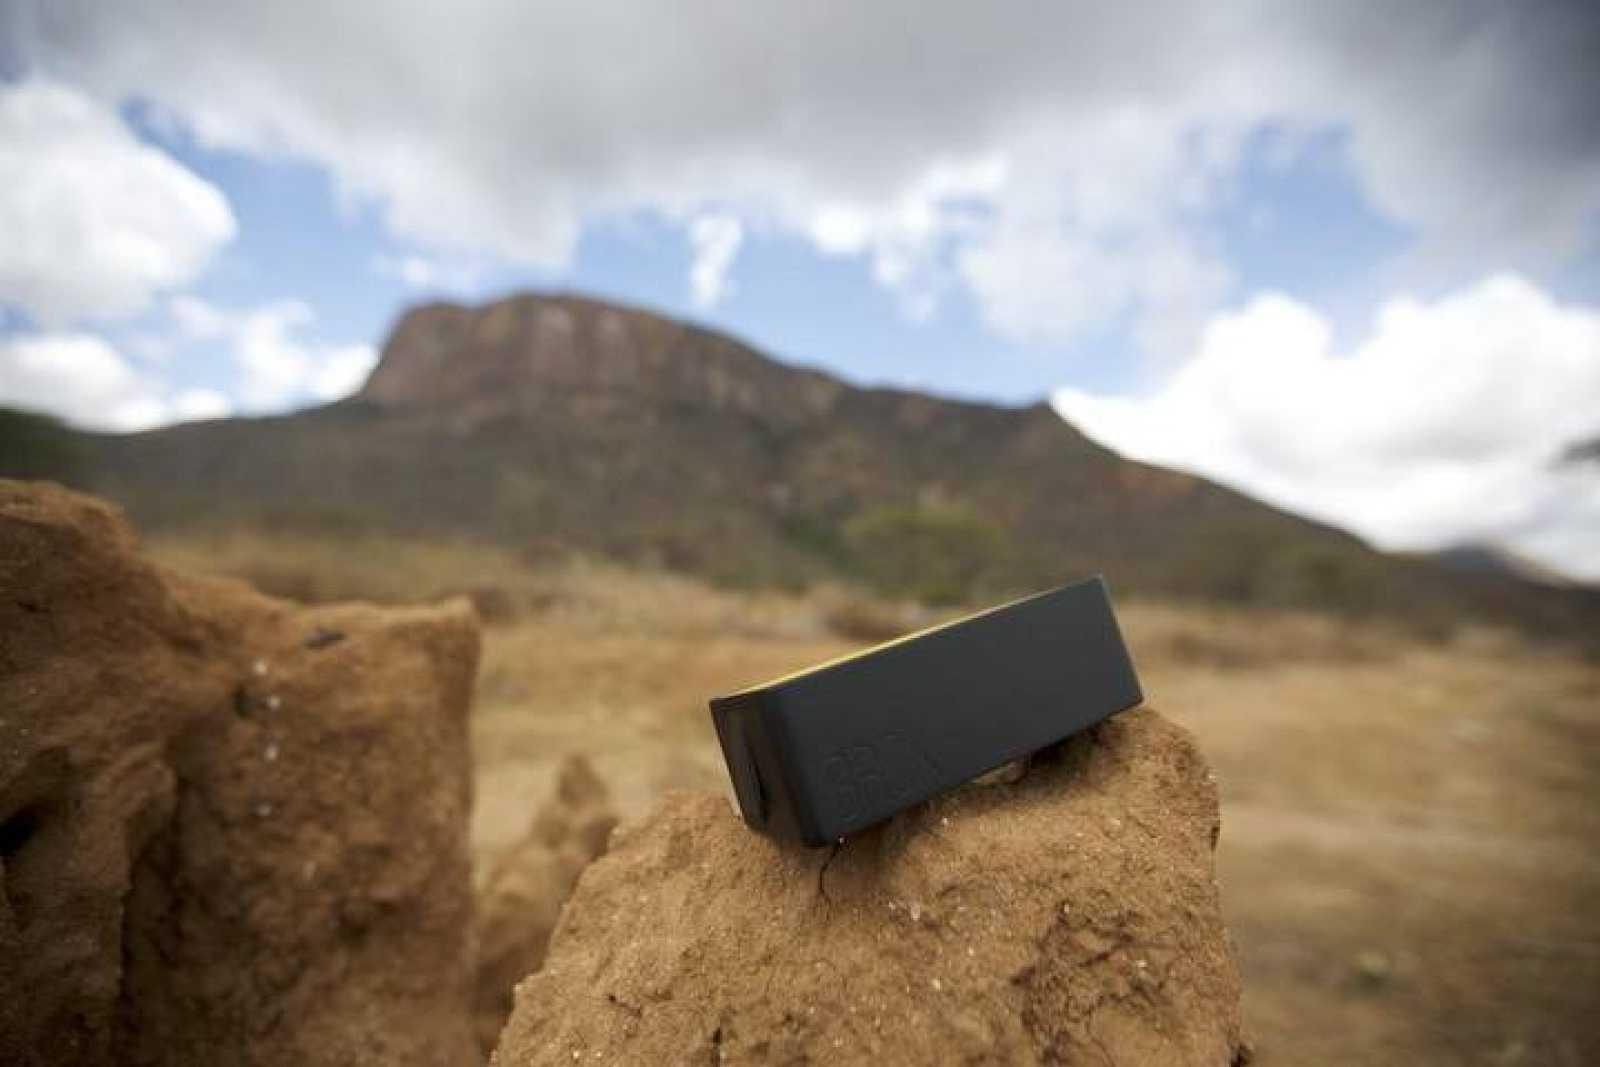 Brck, el dispositivo que lleva Internet a lugares con problemas de conexión.